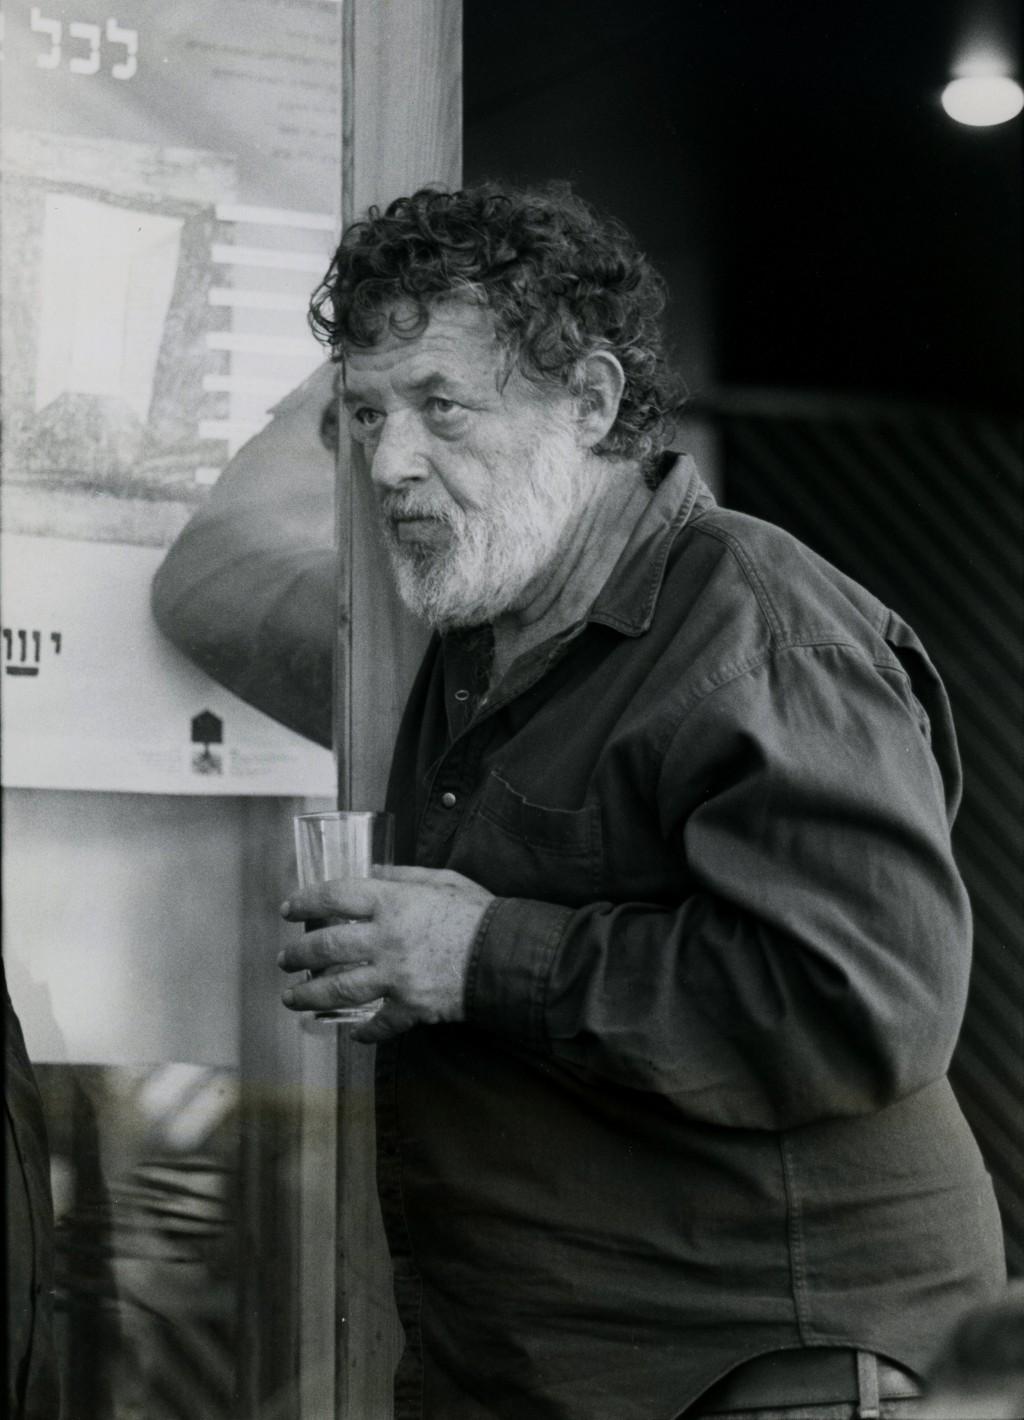 דן בן אמוץ, 1989 (צילום: משה שי)